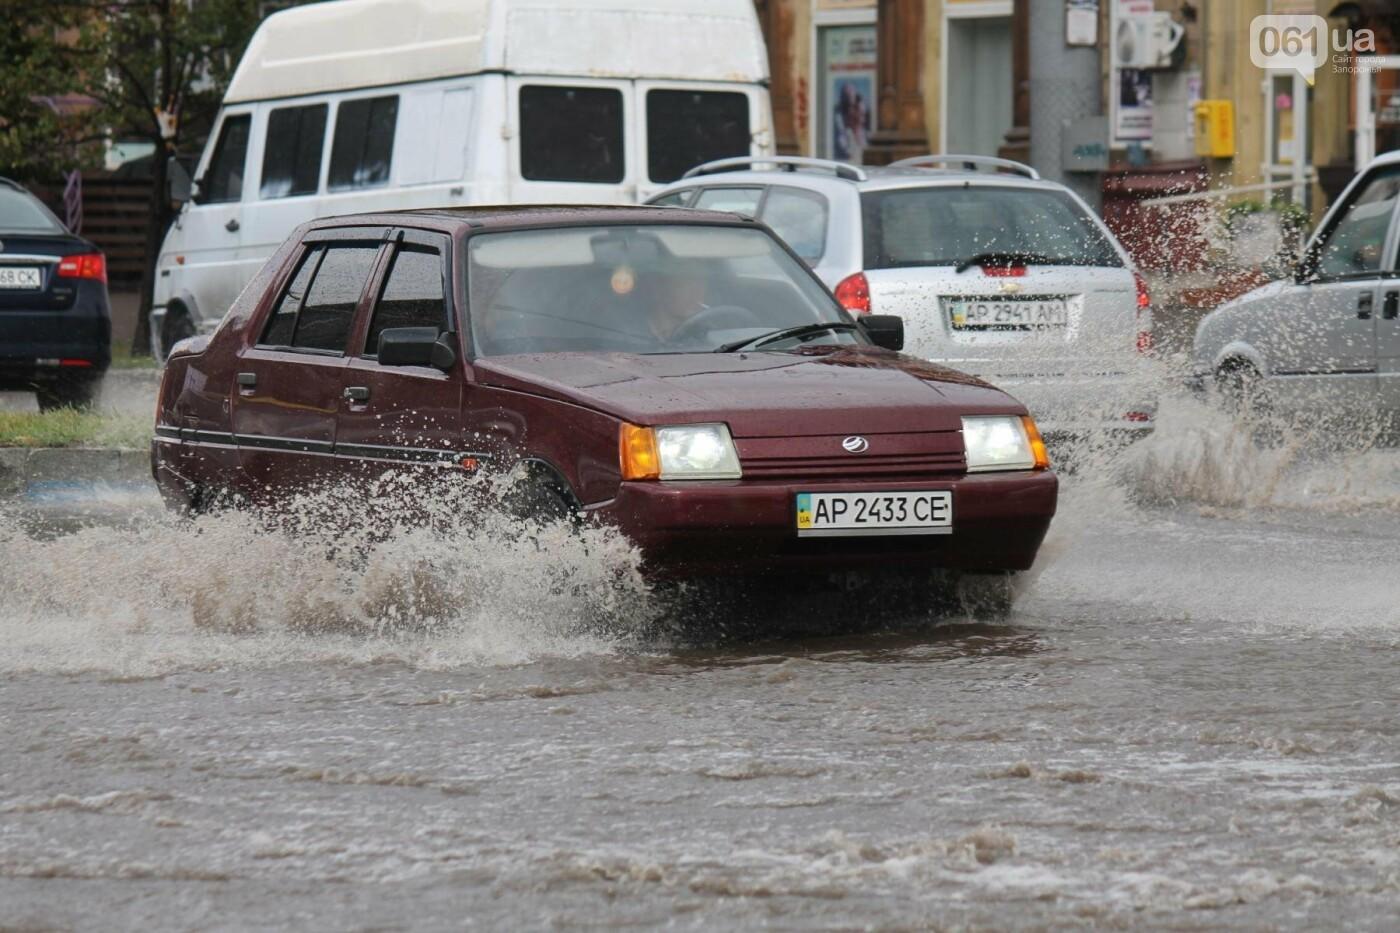 Запорожье накрыл мощный ливень: улицы затопило, люди насквозь промокли, – ФОТОРЕПОРТАЖ, фото-10